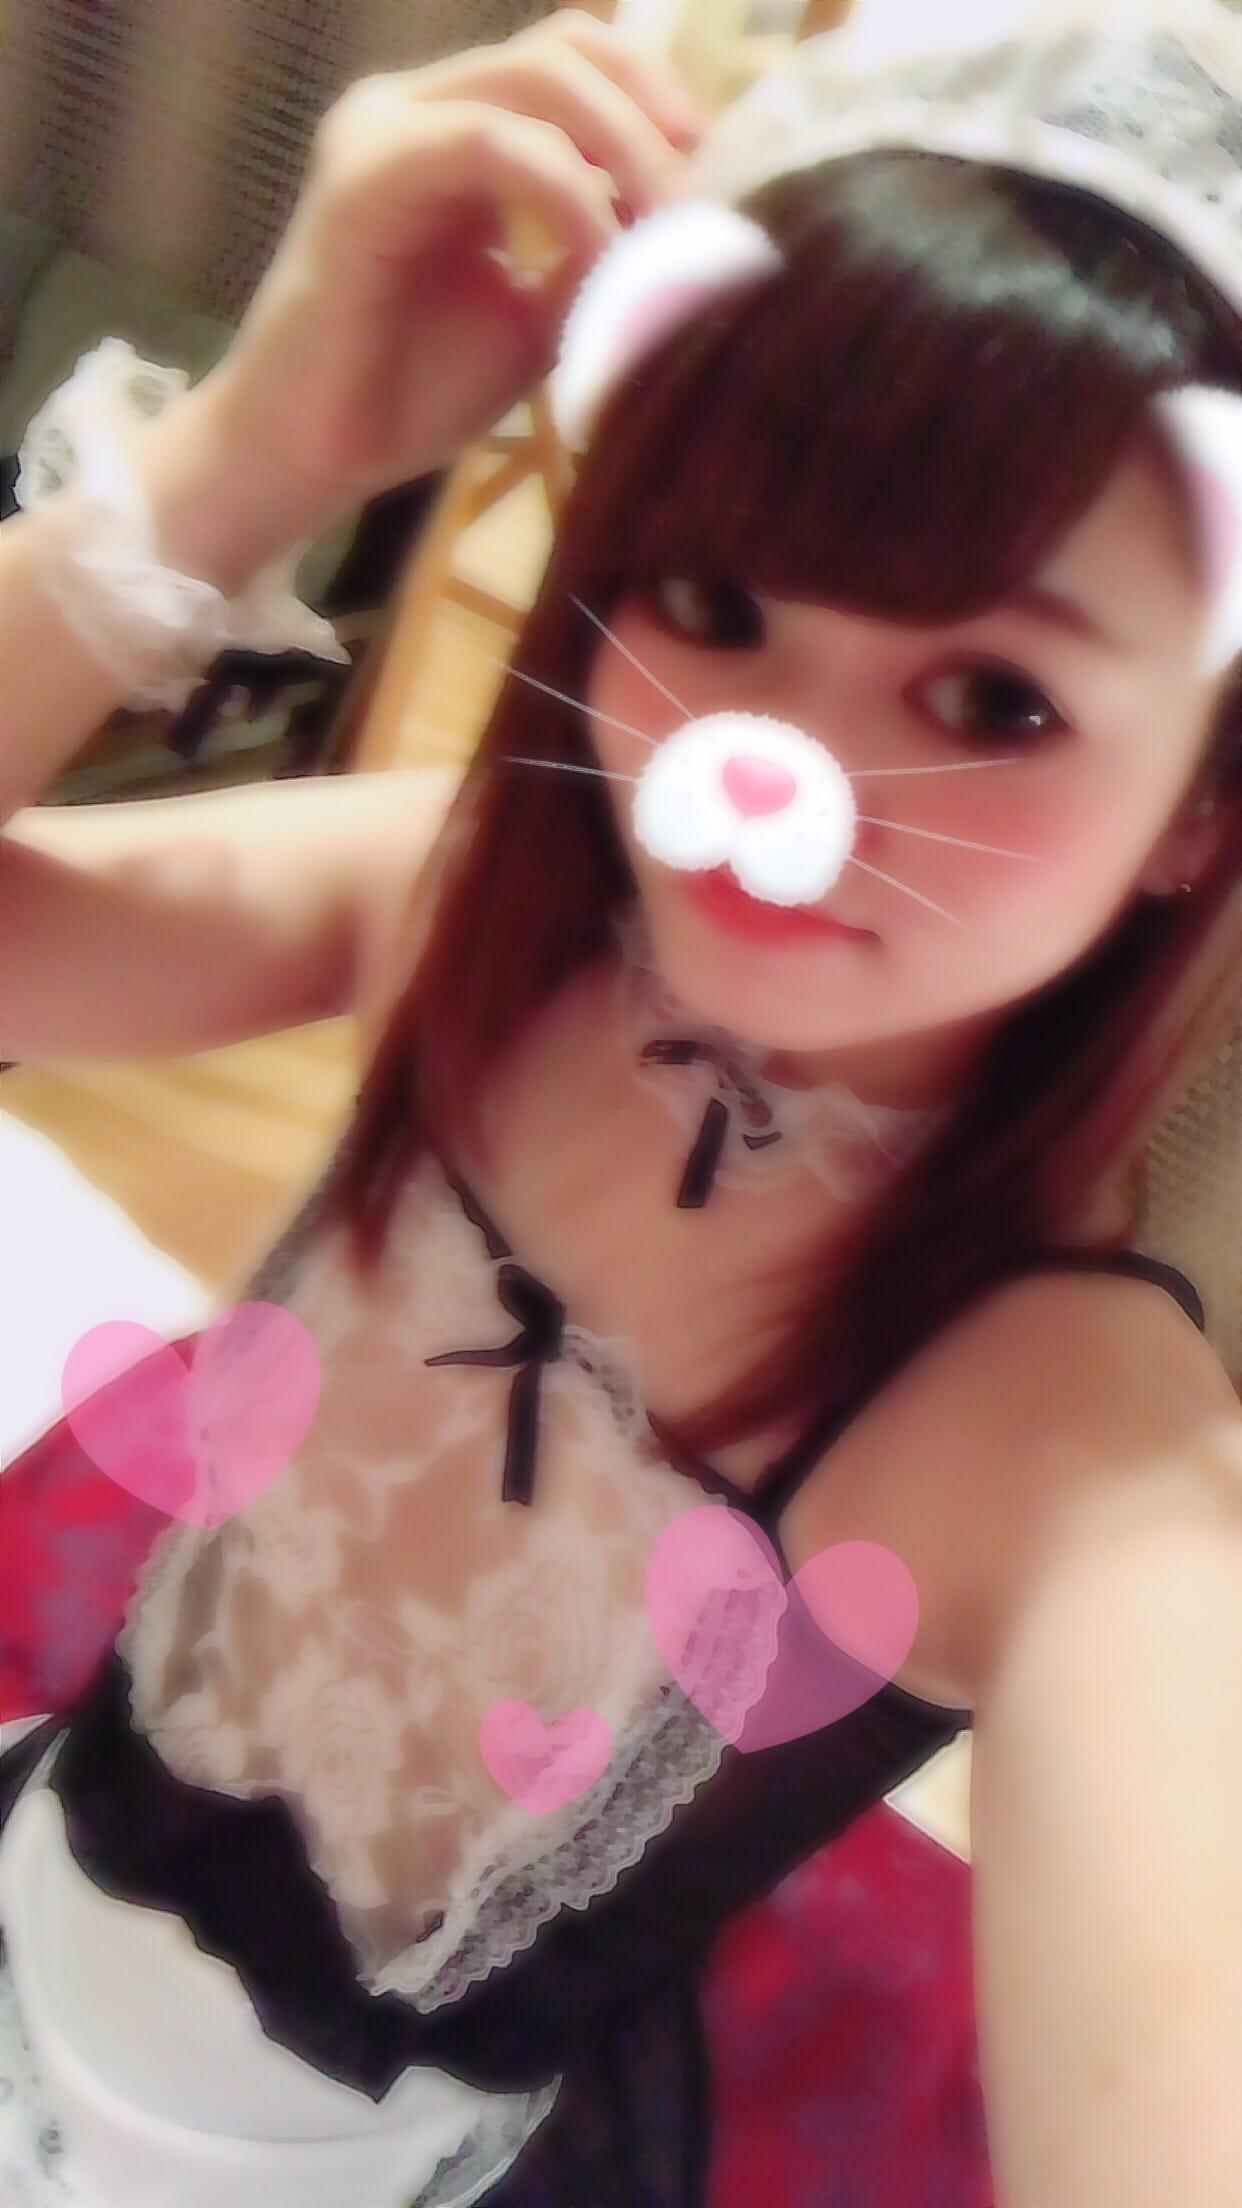 「寒い……」01/31(01/31) 17:20 | ゆず-yuzu-の写メ・風俗動画